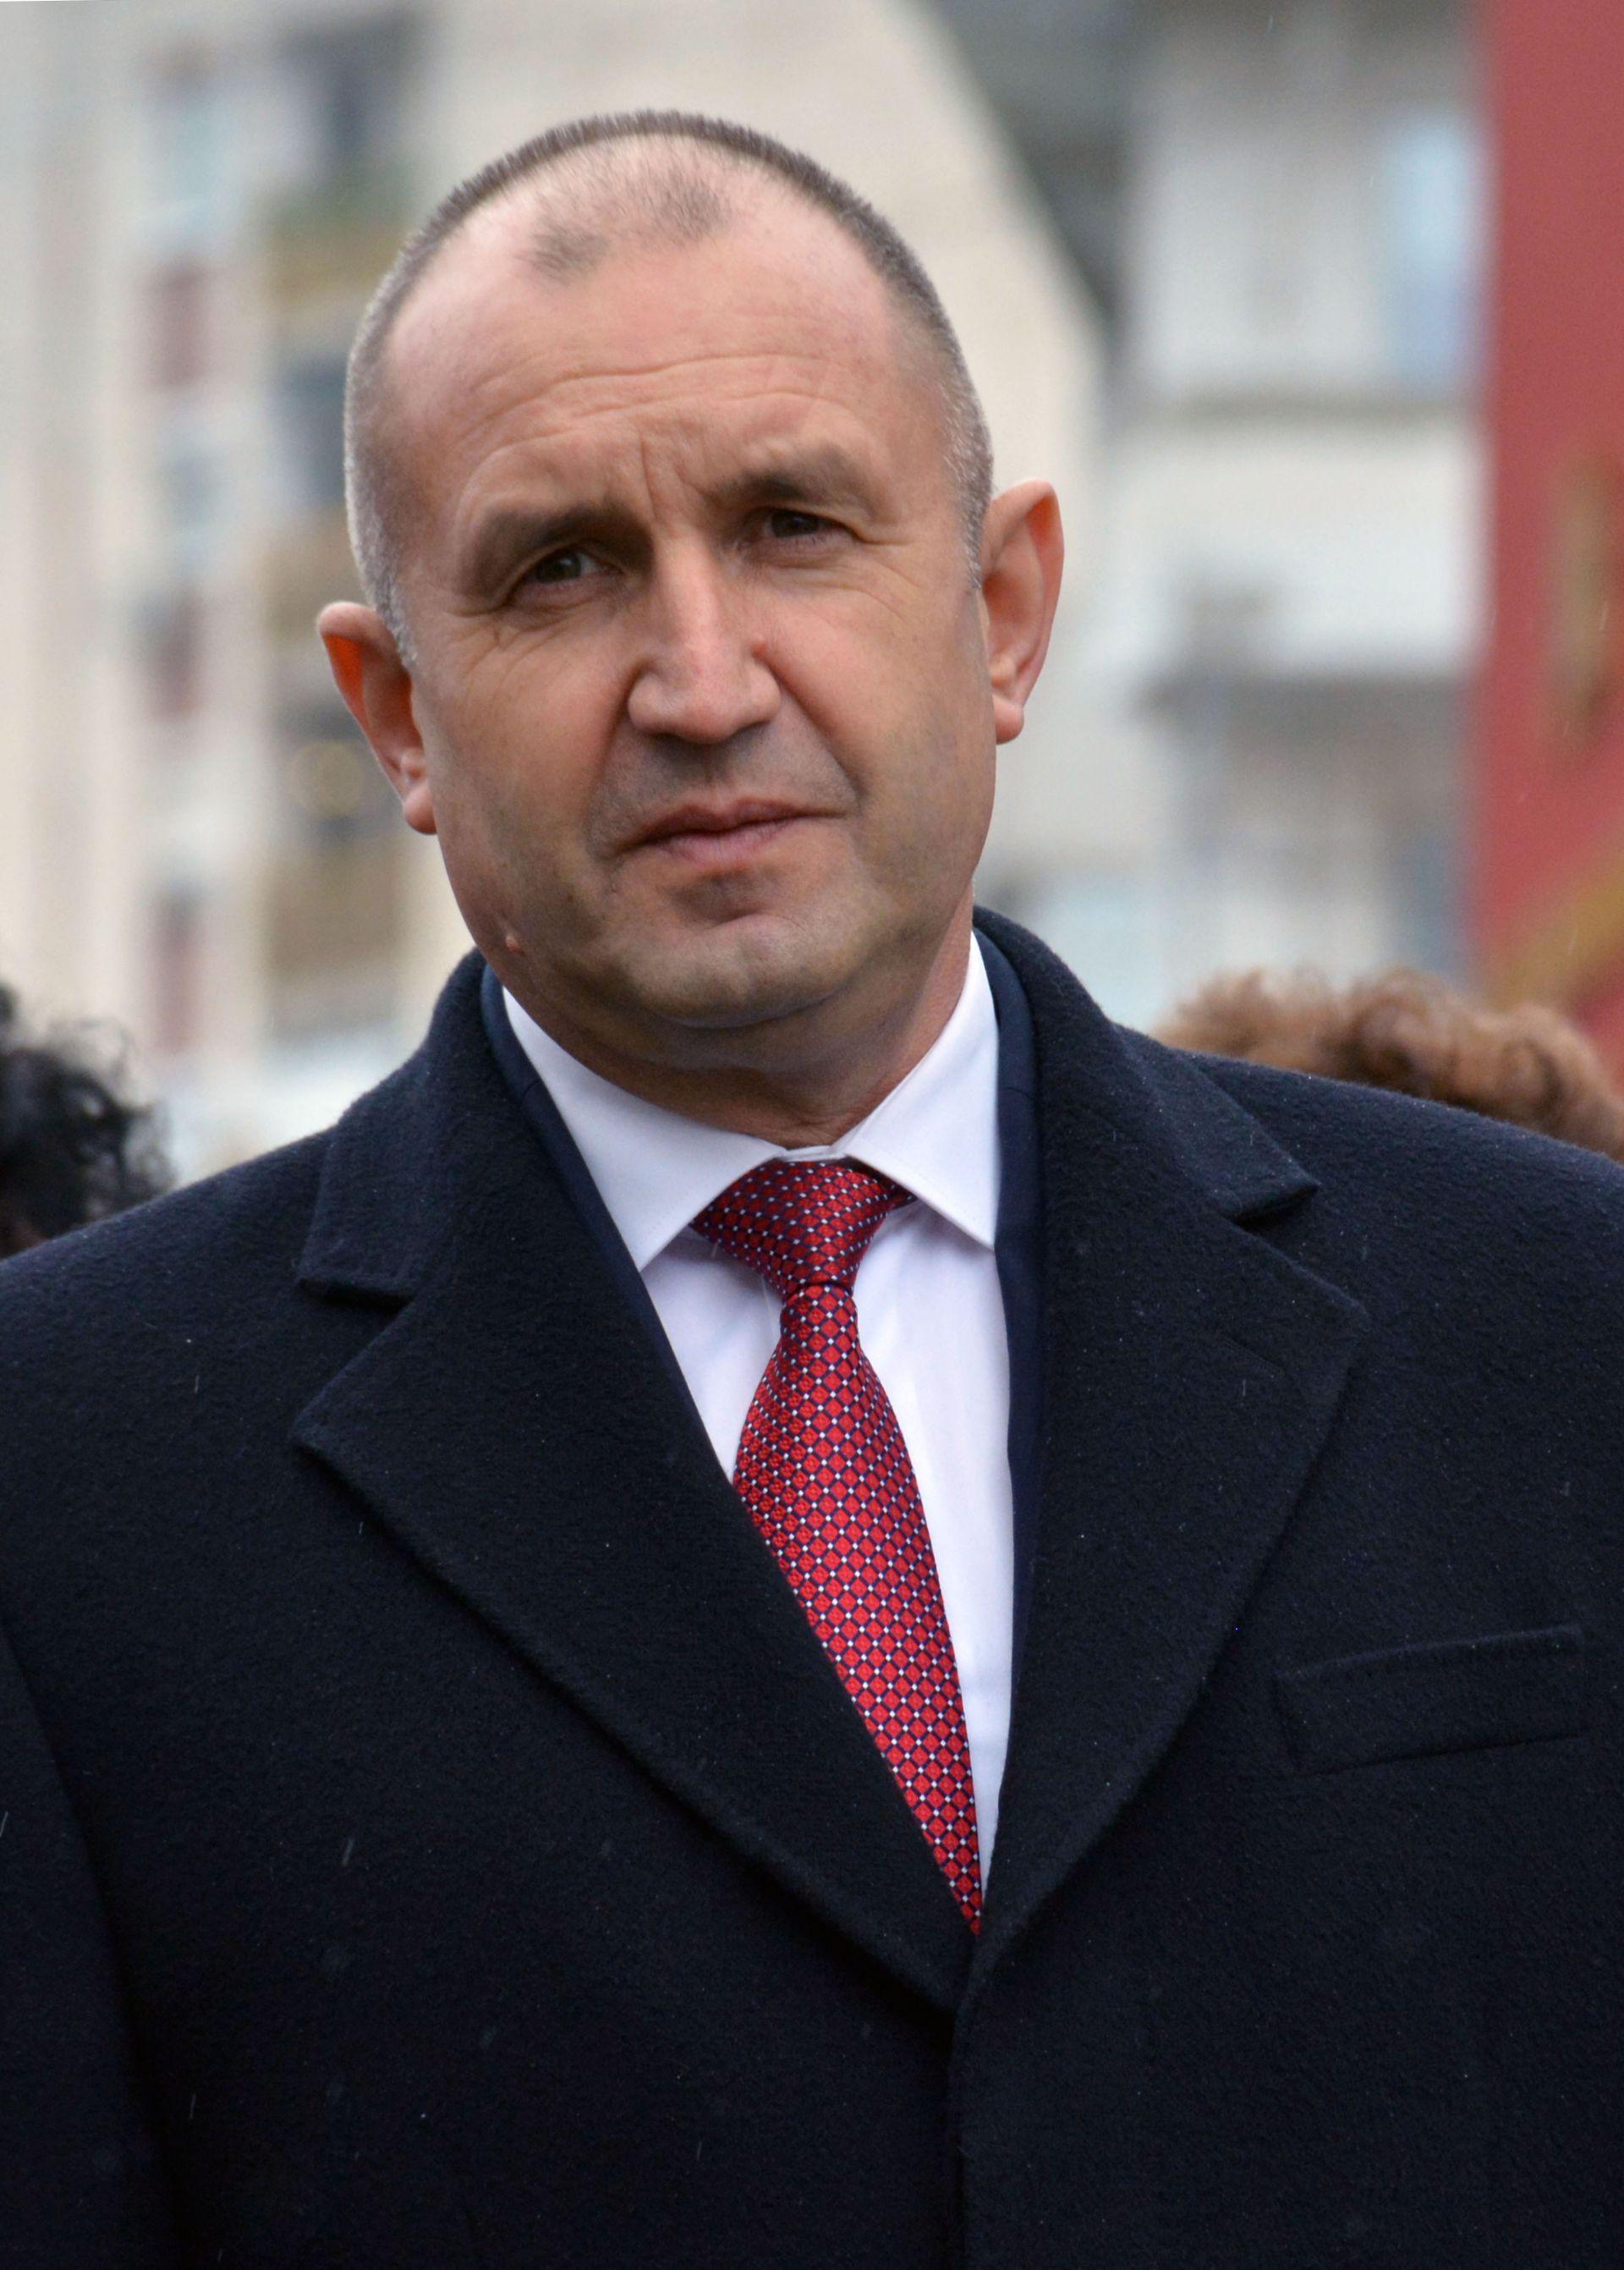 Румен Радев участва в честванията по повод 142 години от Освобождаването на Русе